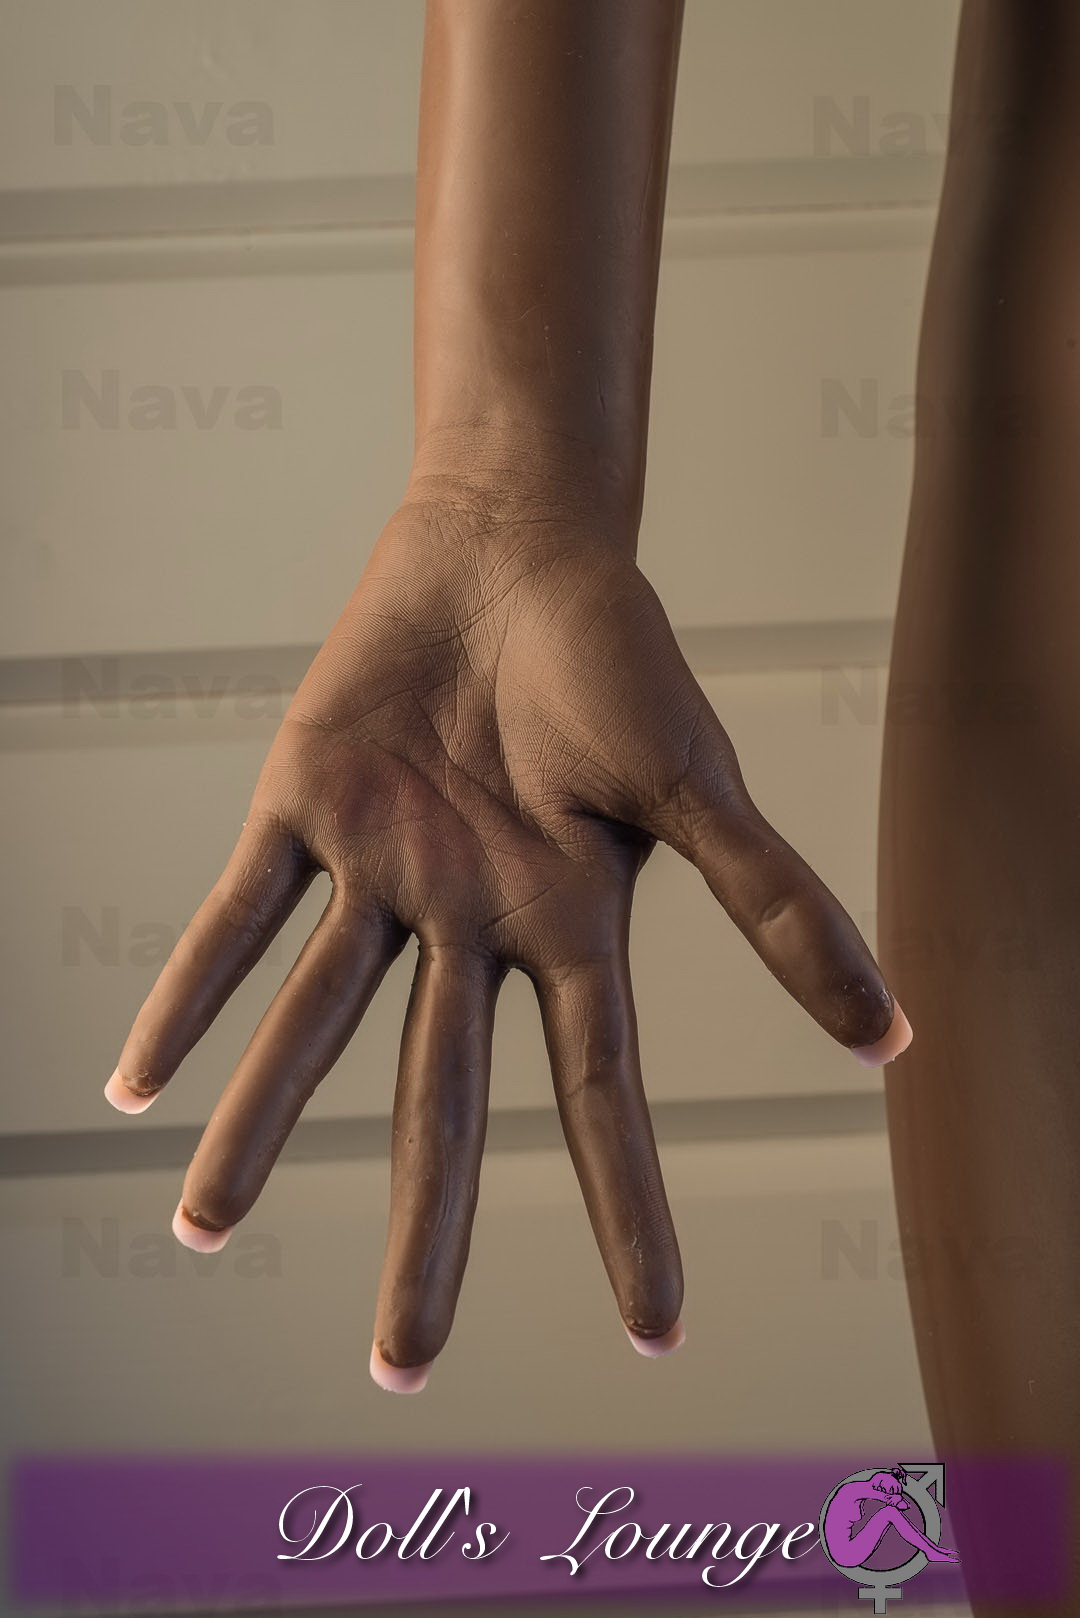 Details TPE-Lovedoll NAVA schlank, groß , detailreich,großartig, absolut super, atemberaubend, atemraubend....zum Niederknien